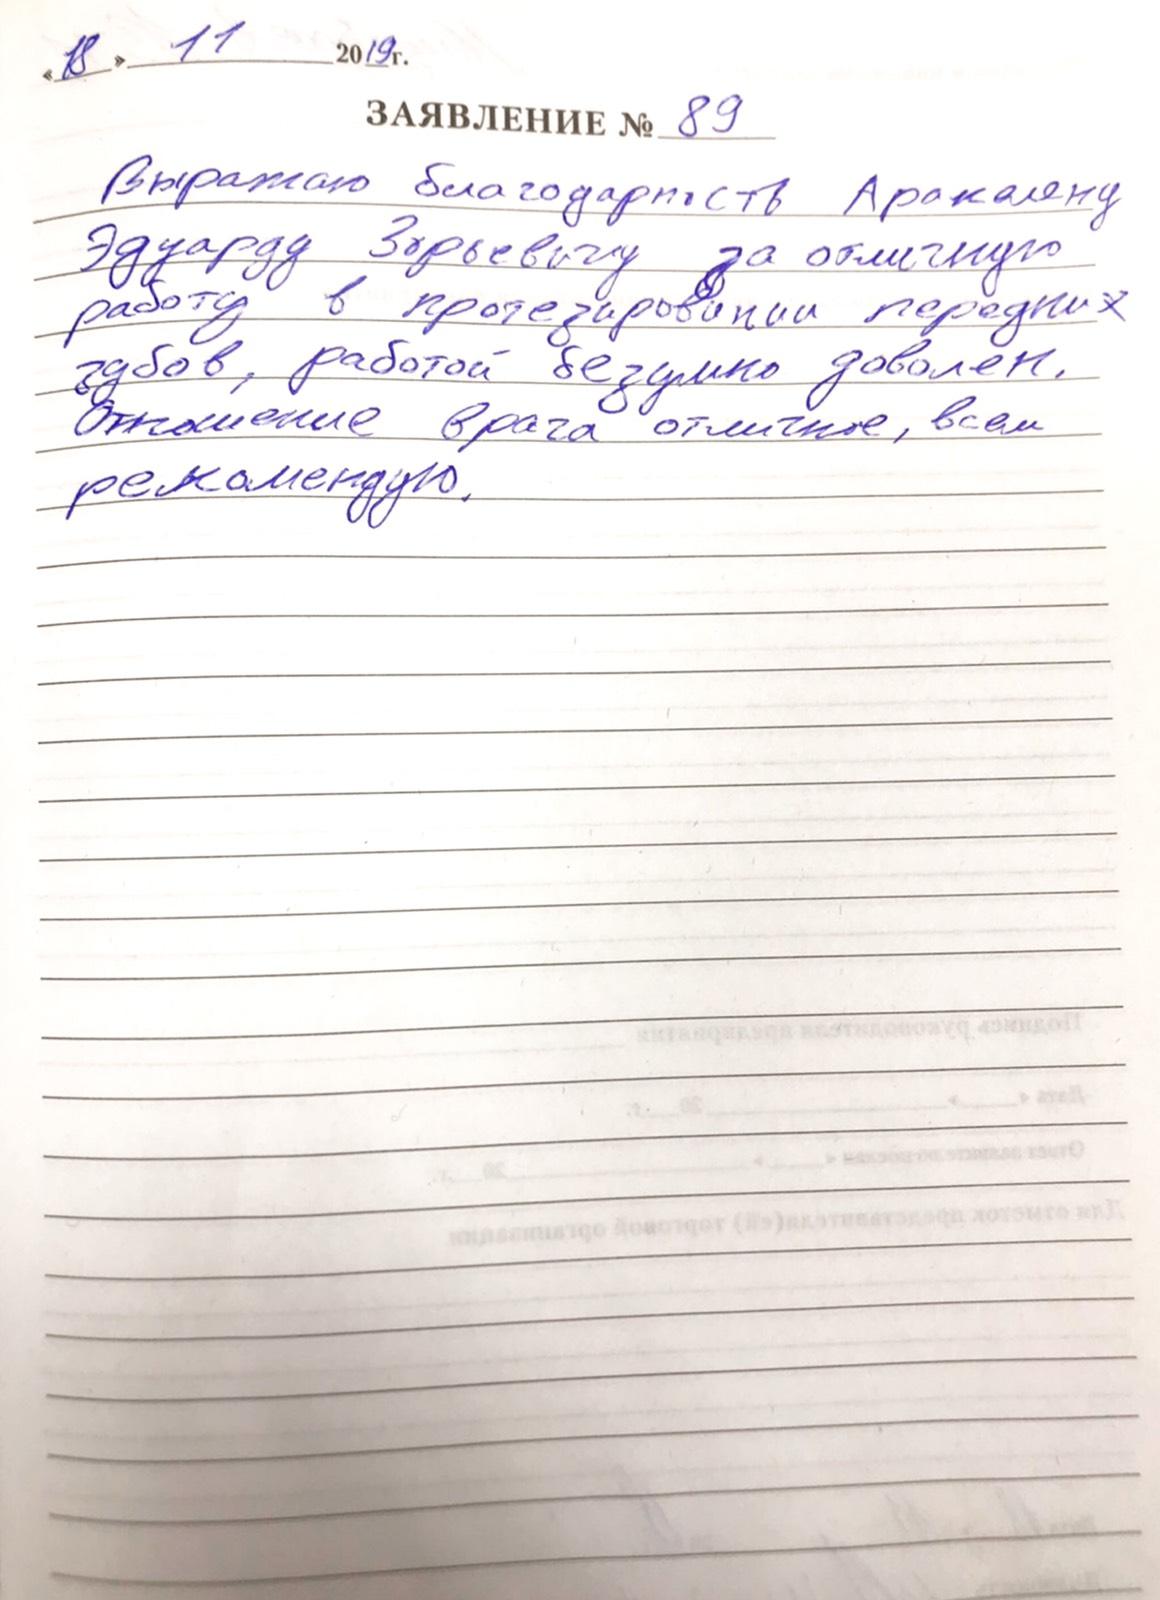 <em>Редактировать Отзыв</em> Владимир Негмеддулович. Стоматология Фларт